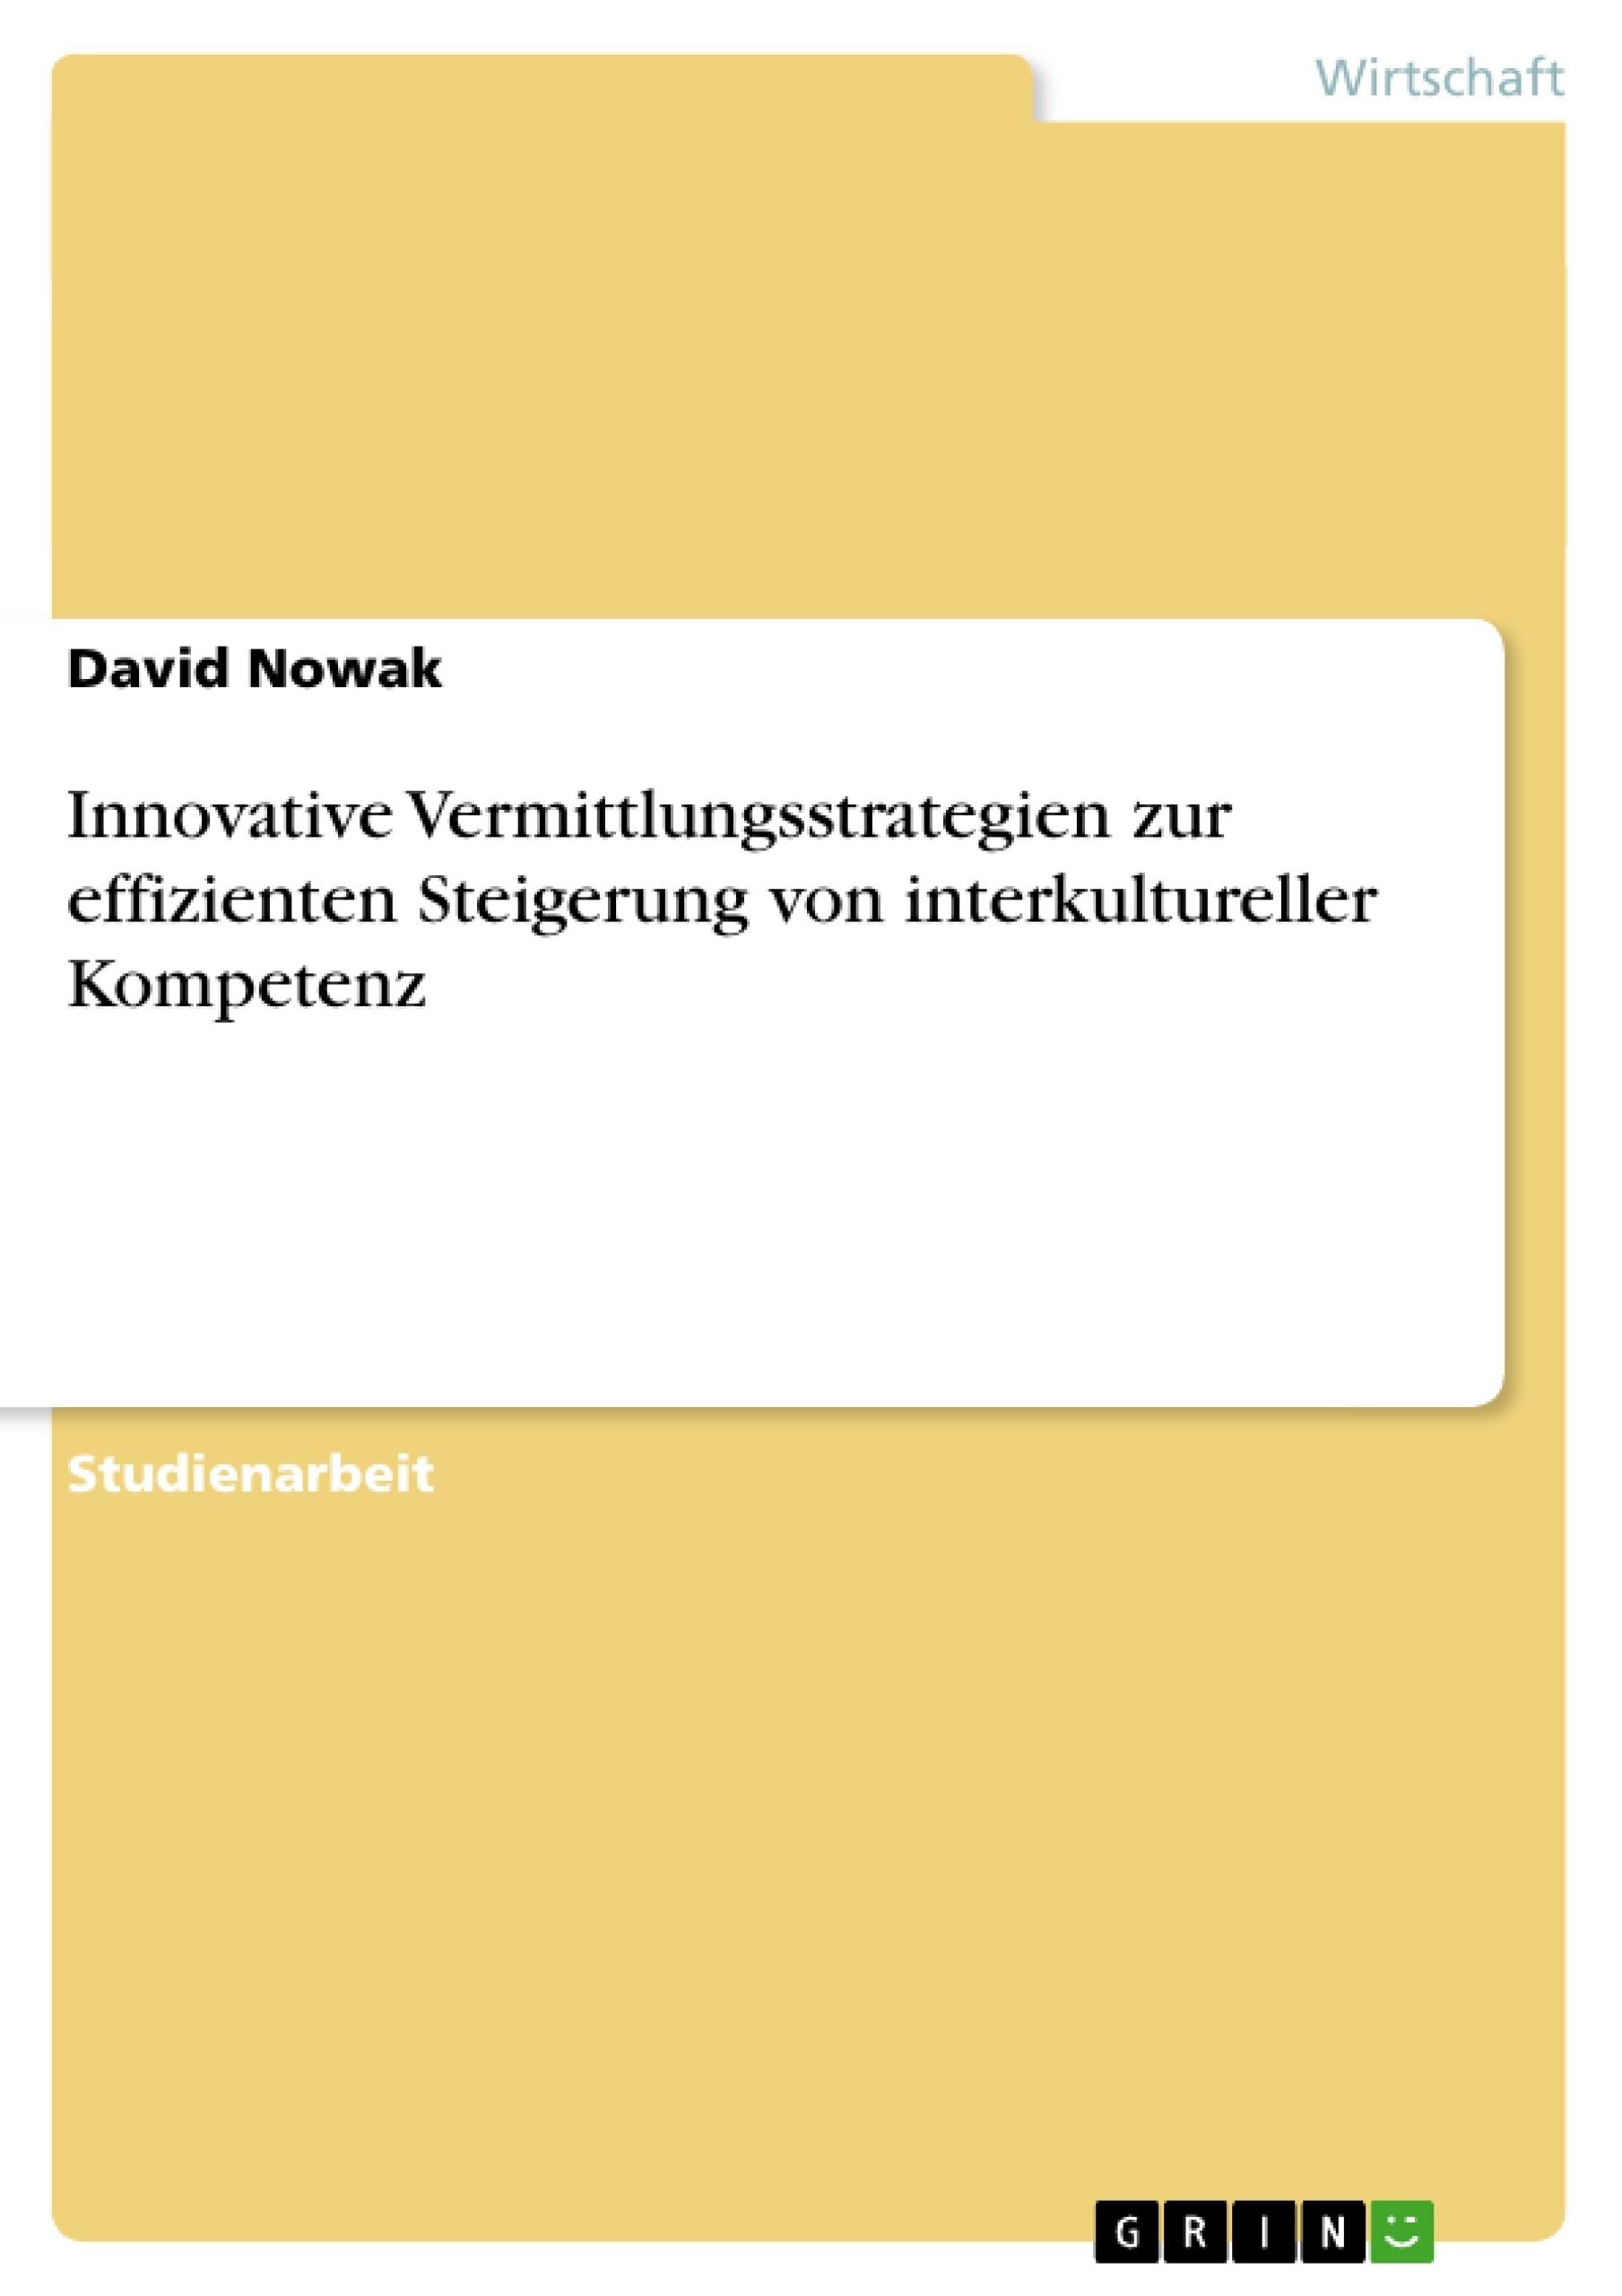 Titel: Innovative Vermittlungsstrategien zur effizienten Steigerung von interkultureller Kompetenz